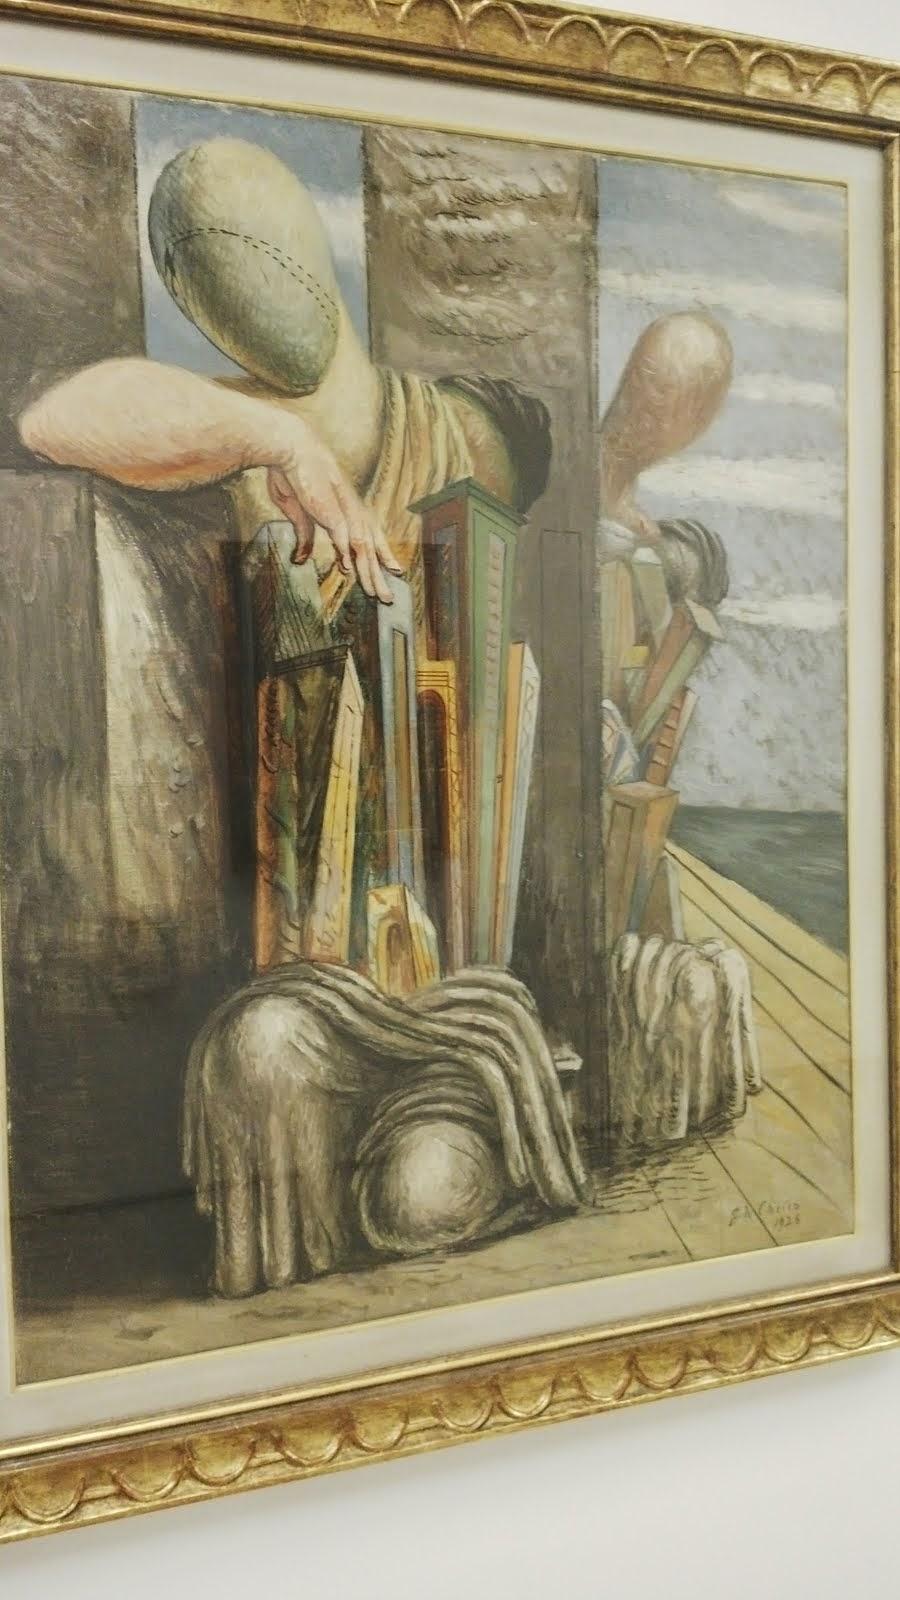 LE TROUBLE DU PHILOSOPHE, 1926